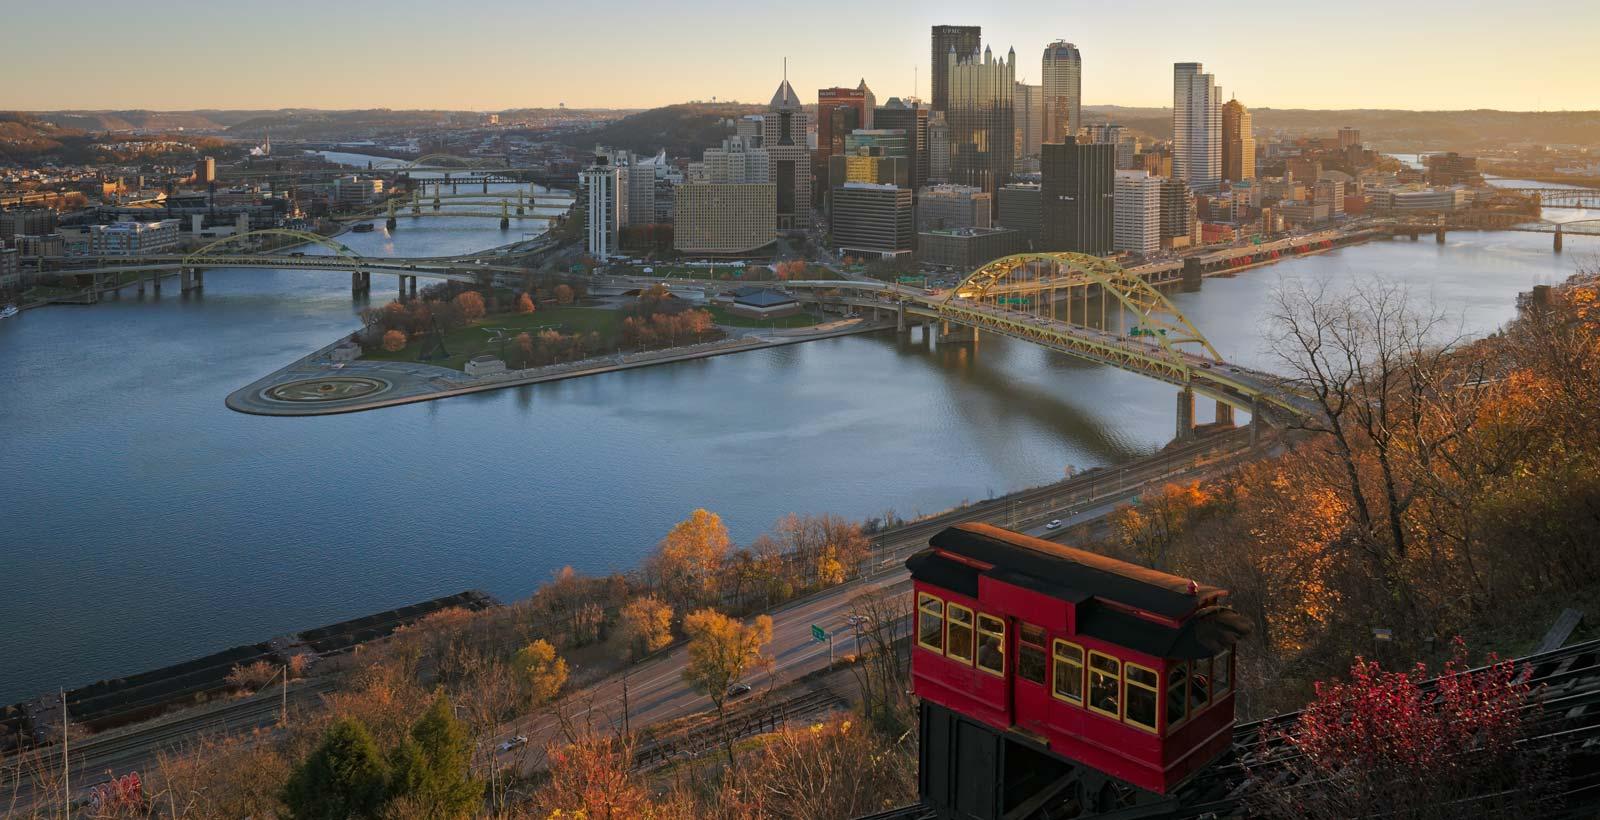 Bienvenue à Pittsburgh, la ville de beaucoup de ponts.